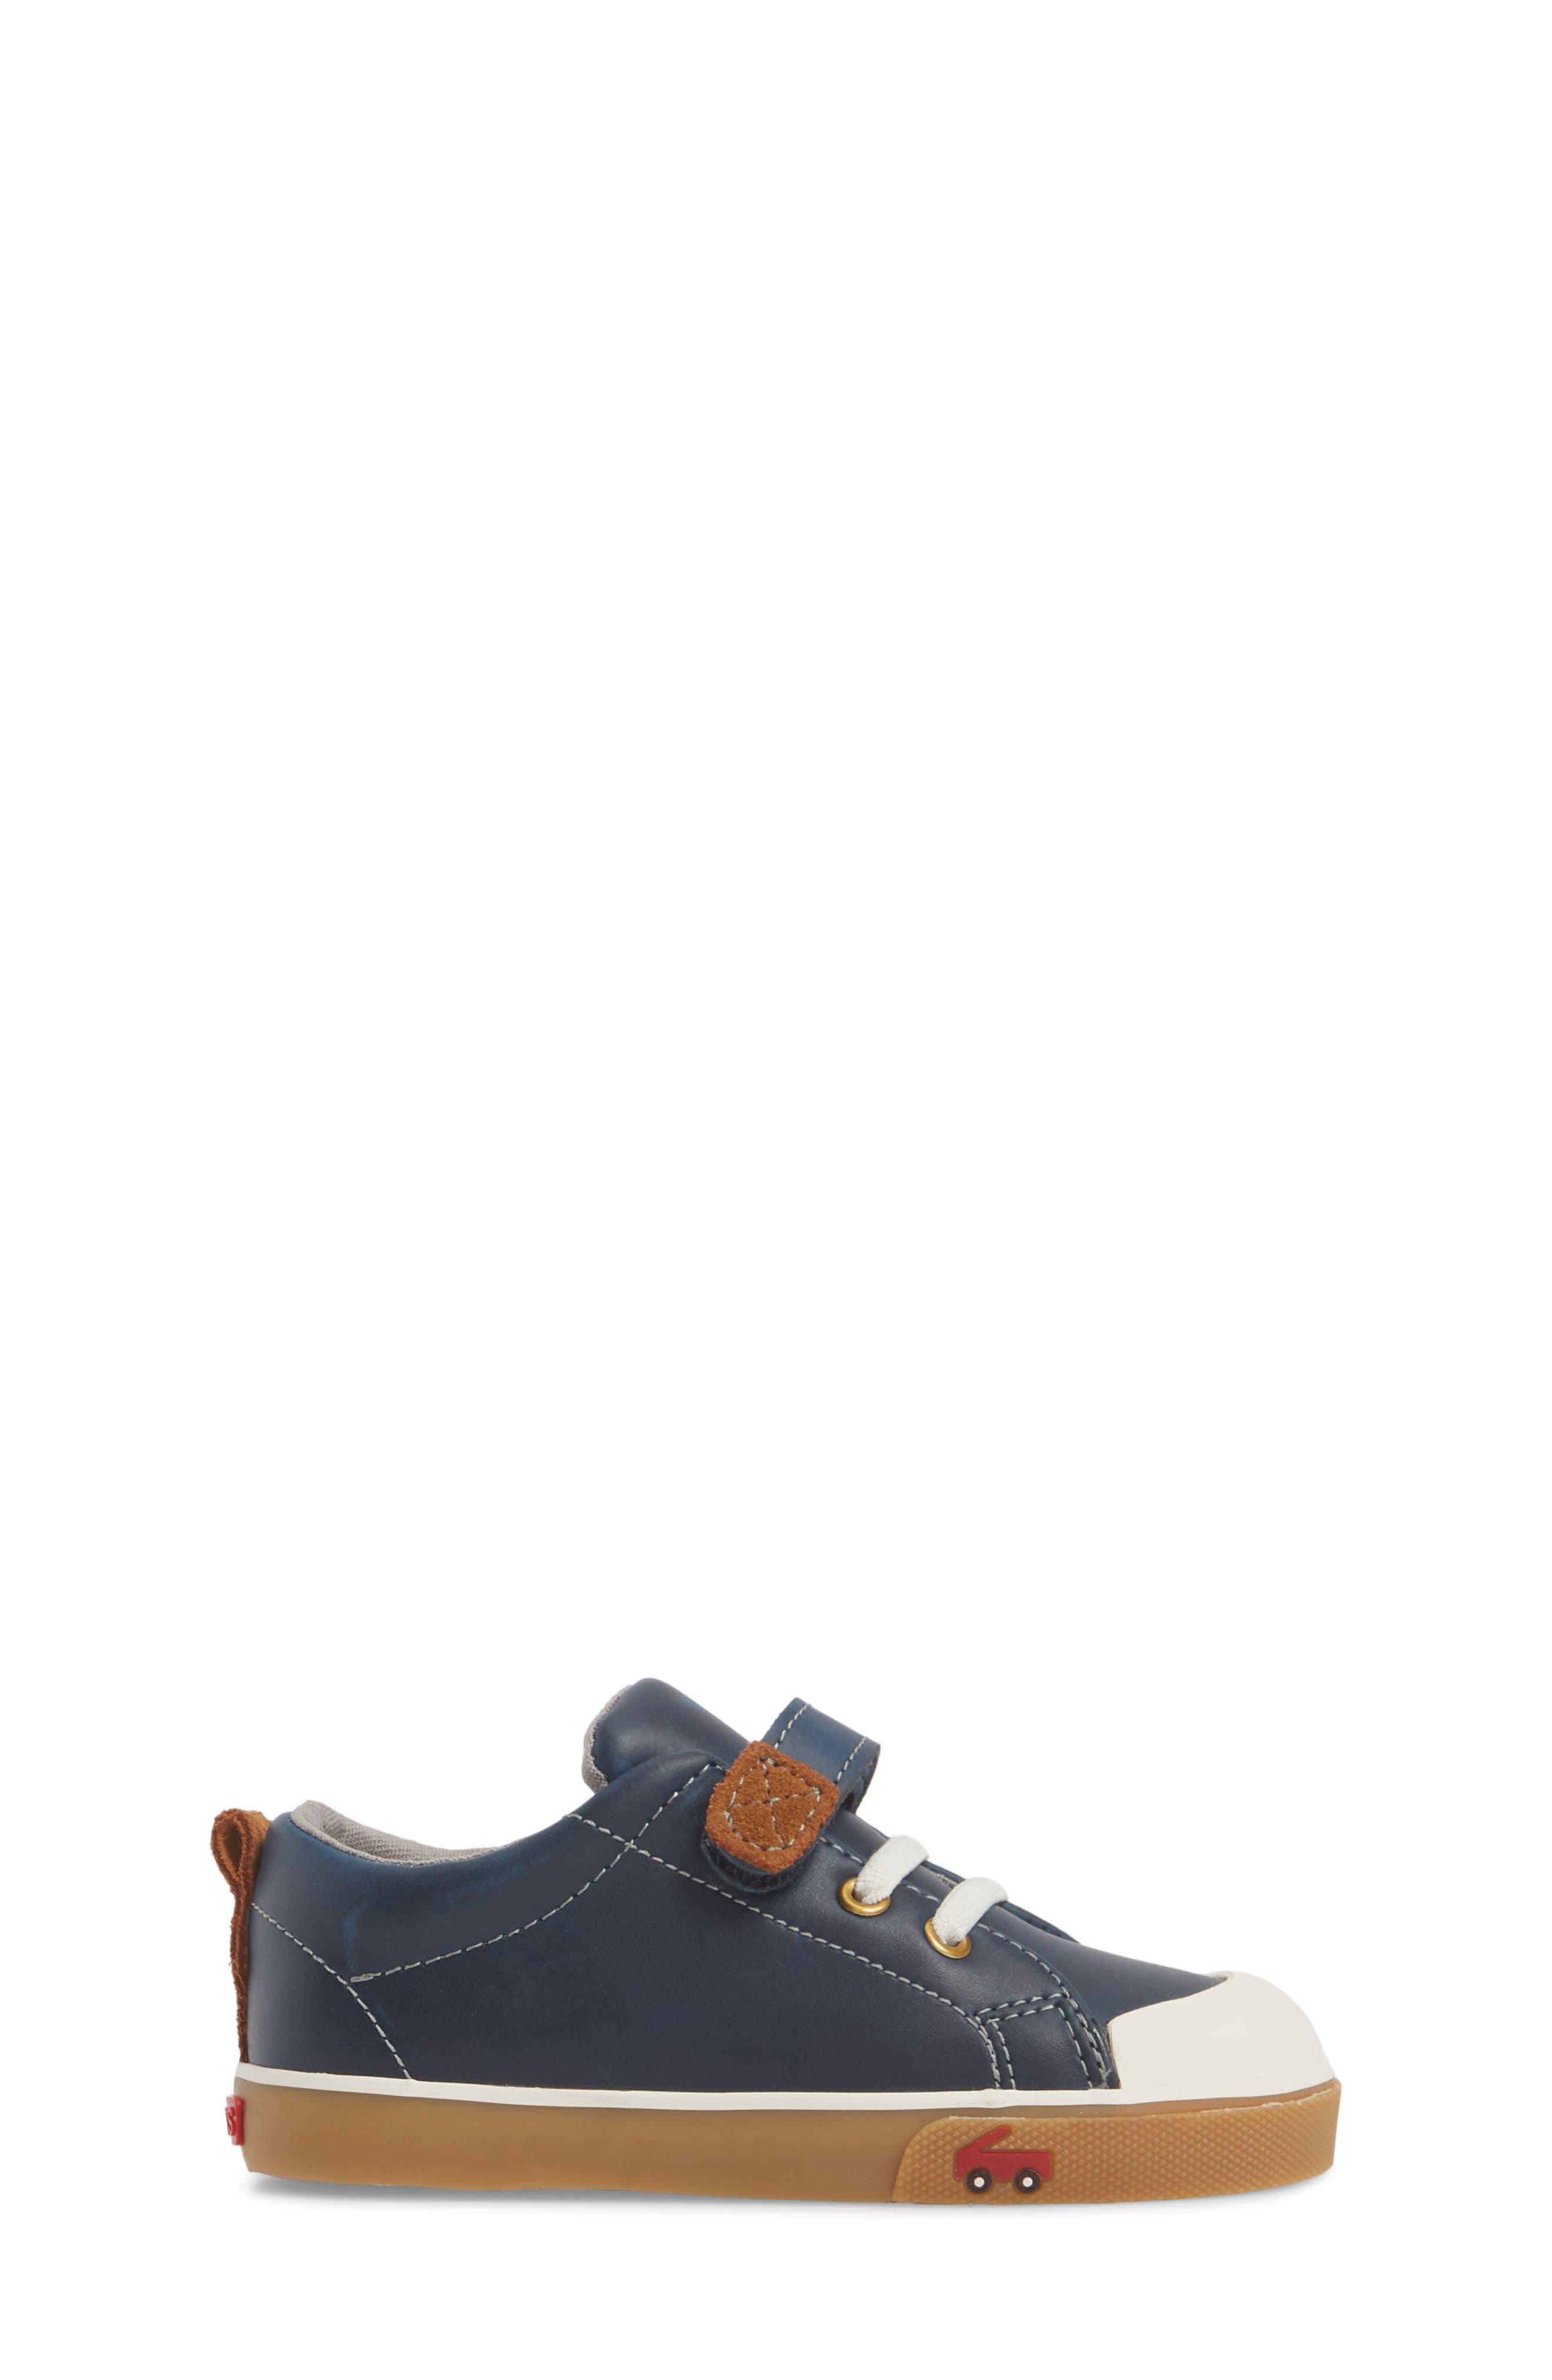 Stevie II Sneaker,                             Alternate thumbnail 3, color,                             NAVY LEATHER